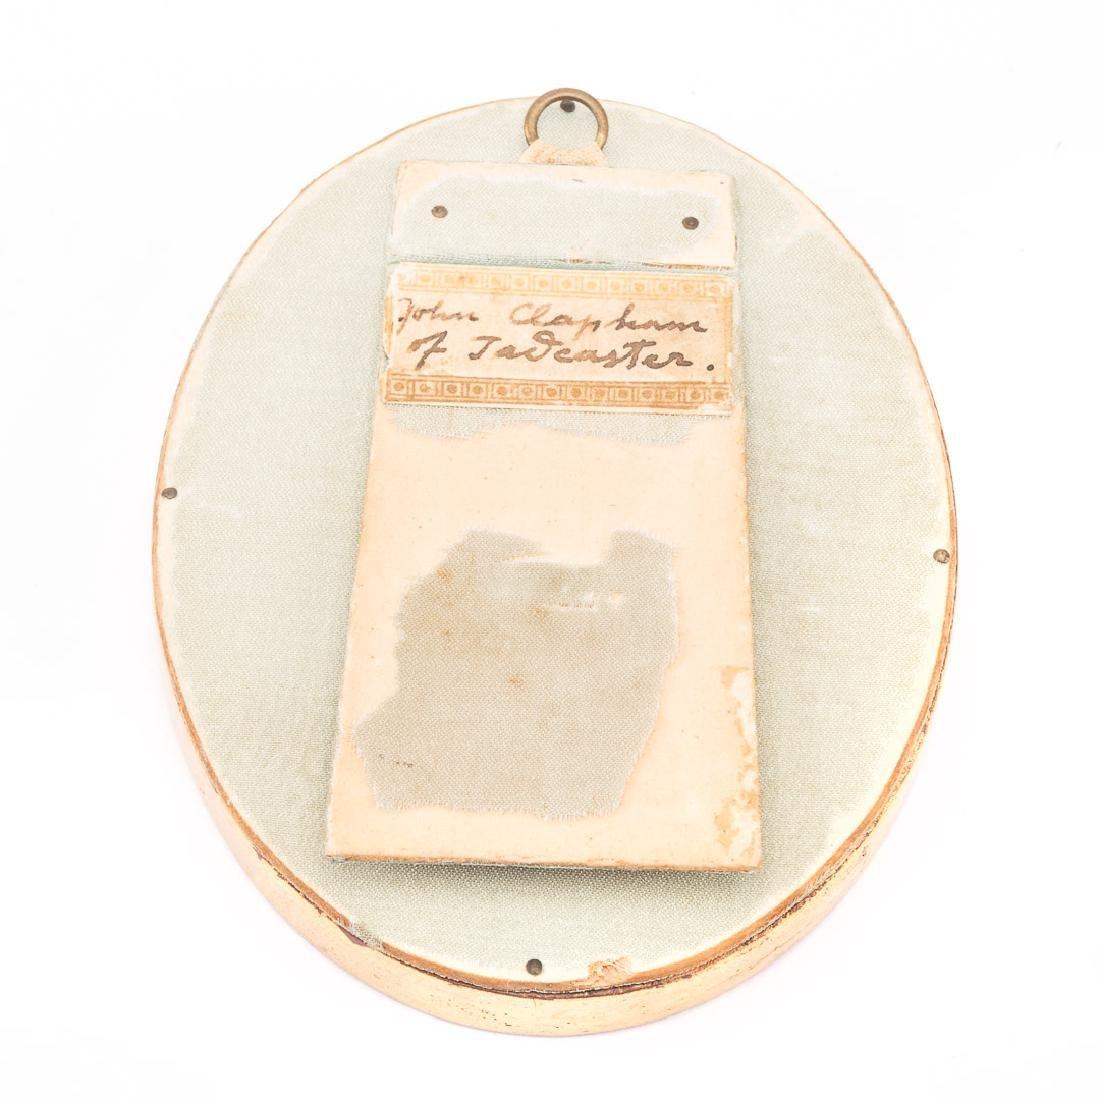 John Clapham. Portrait of F. Lancaster, miniature - 2